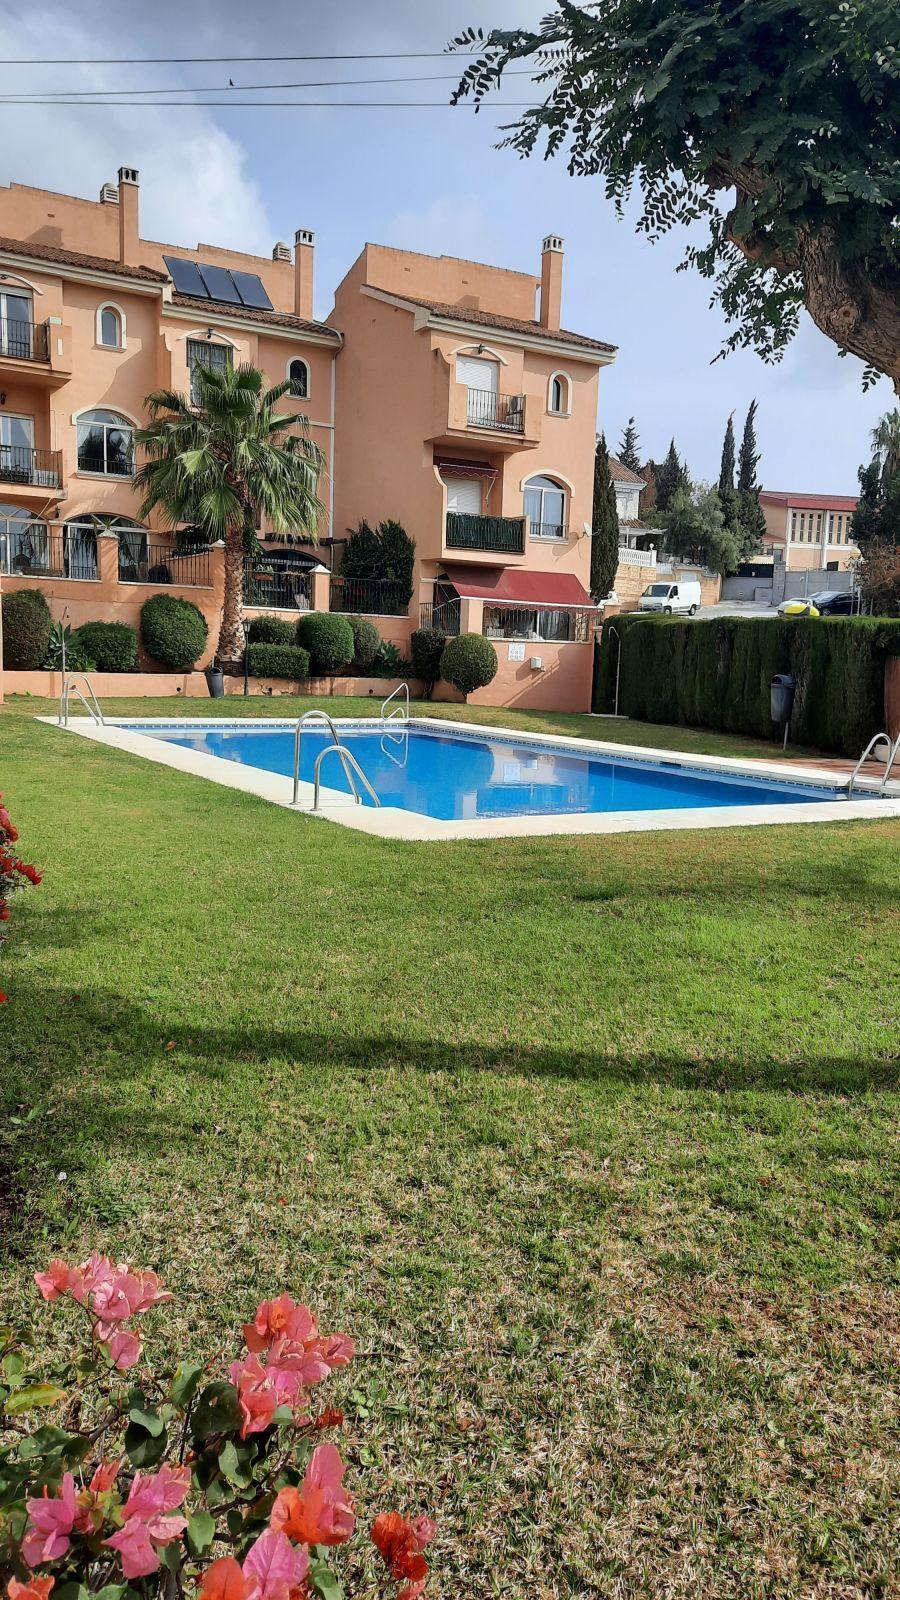 Townhouse  Terraced for sale   in Arroyo de la Miel